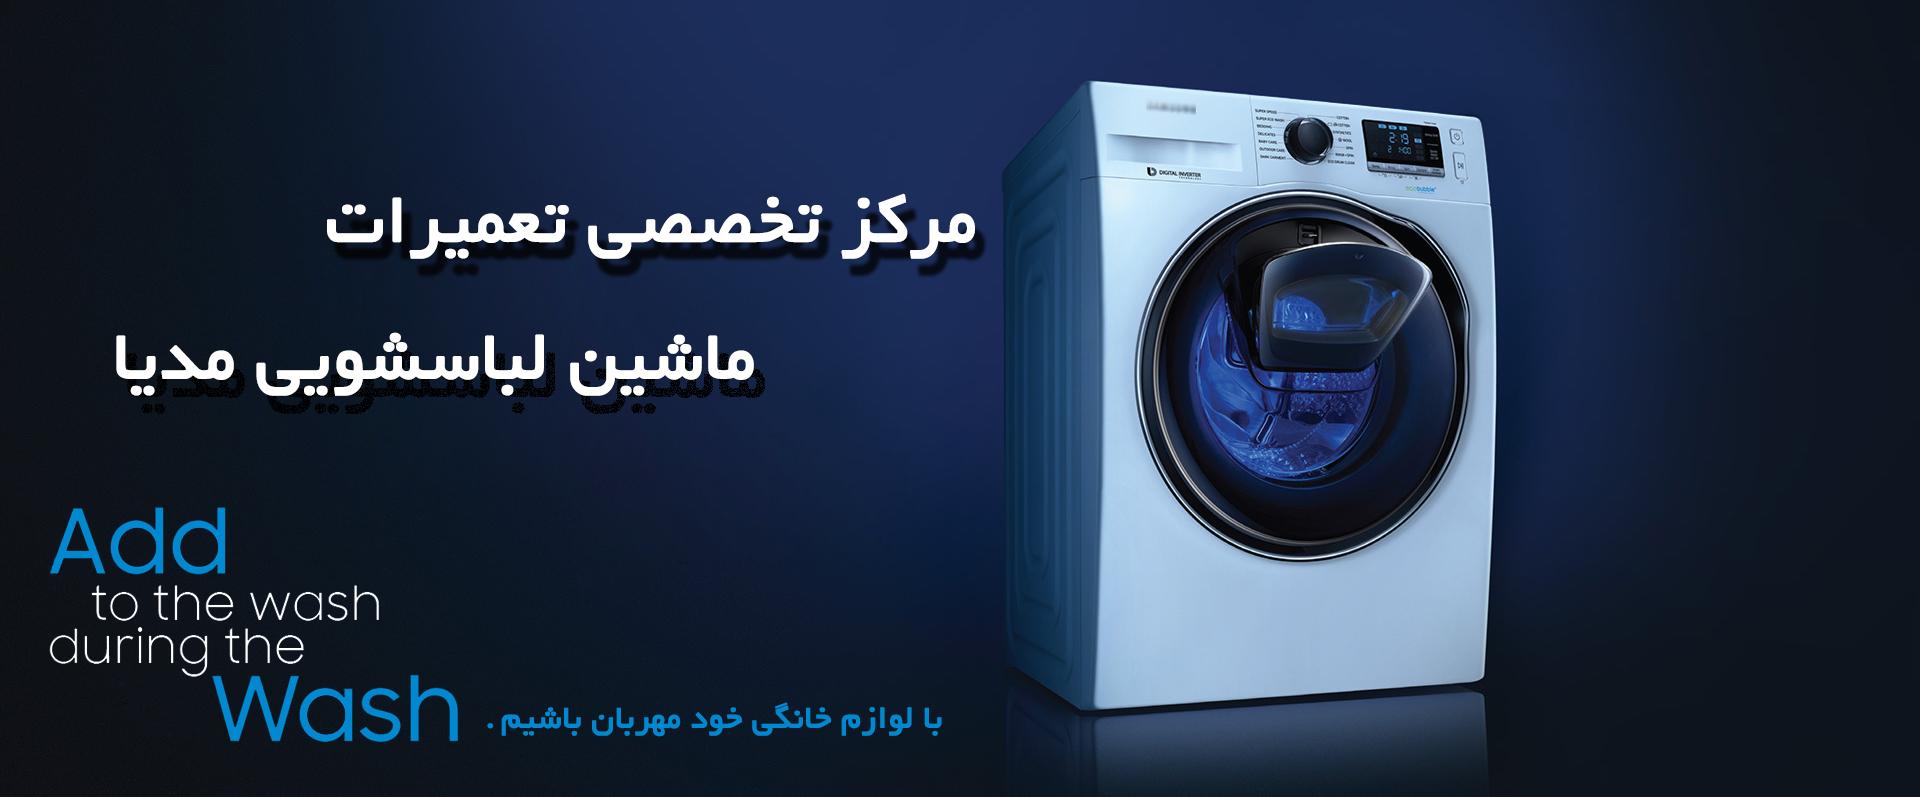 تعمیرات ماشین لباسشویی مدیا